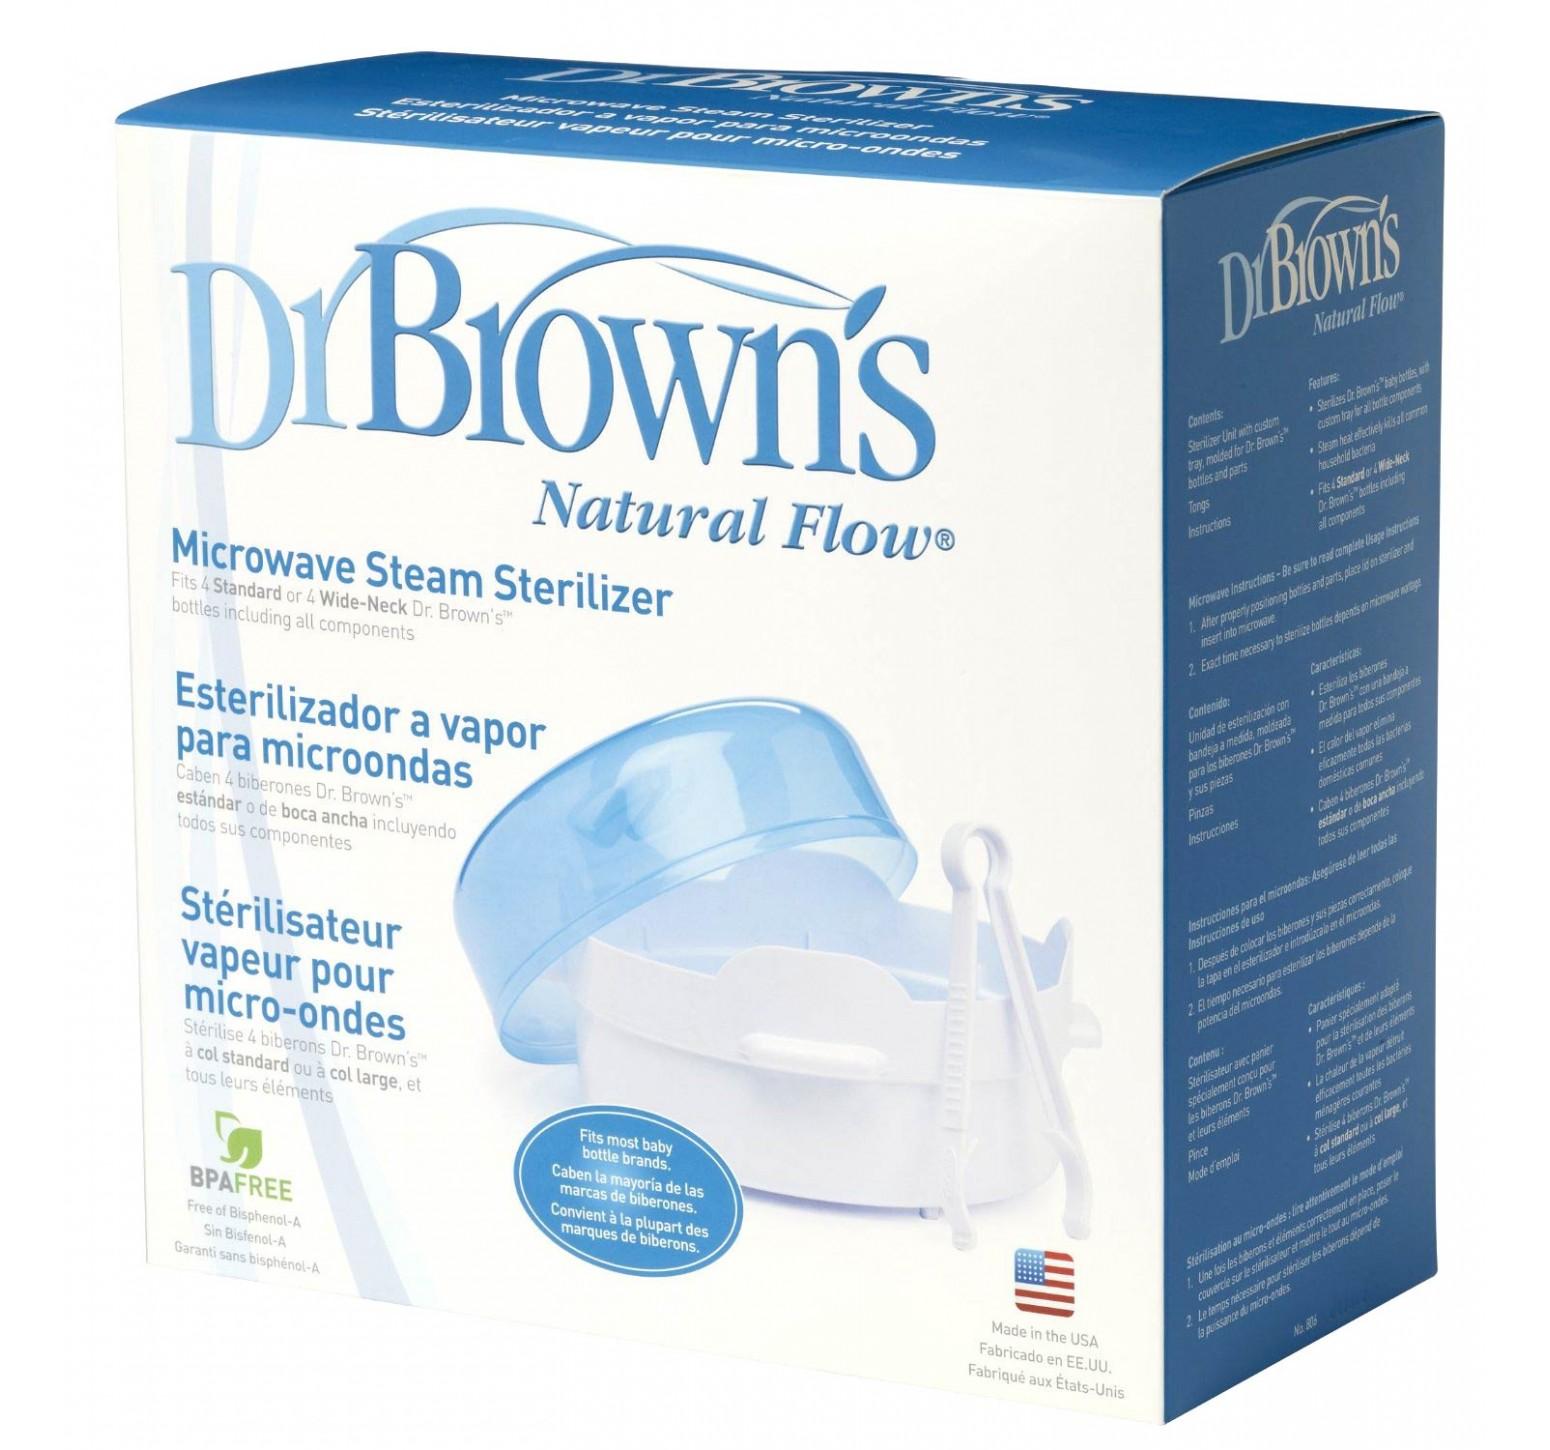 Dr.Brown's Esterilizador a vapor para microondas